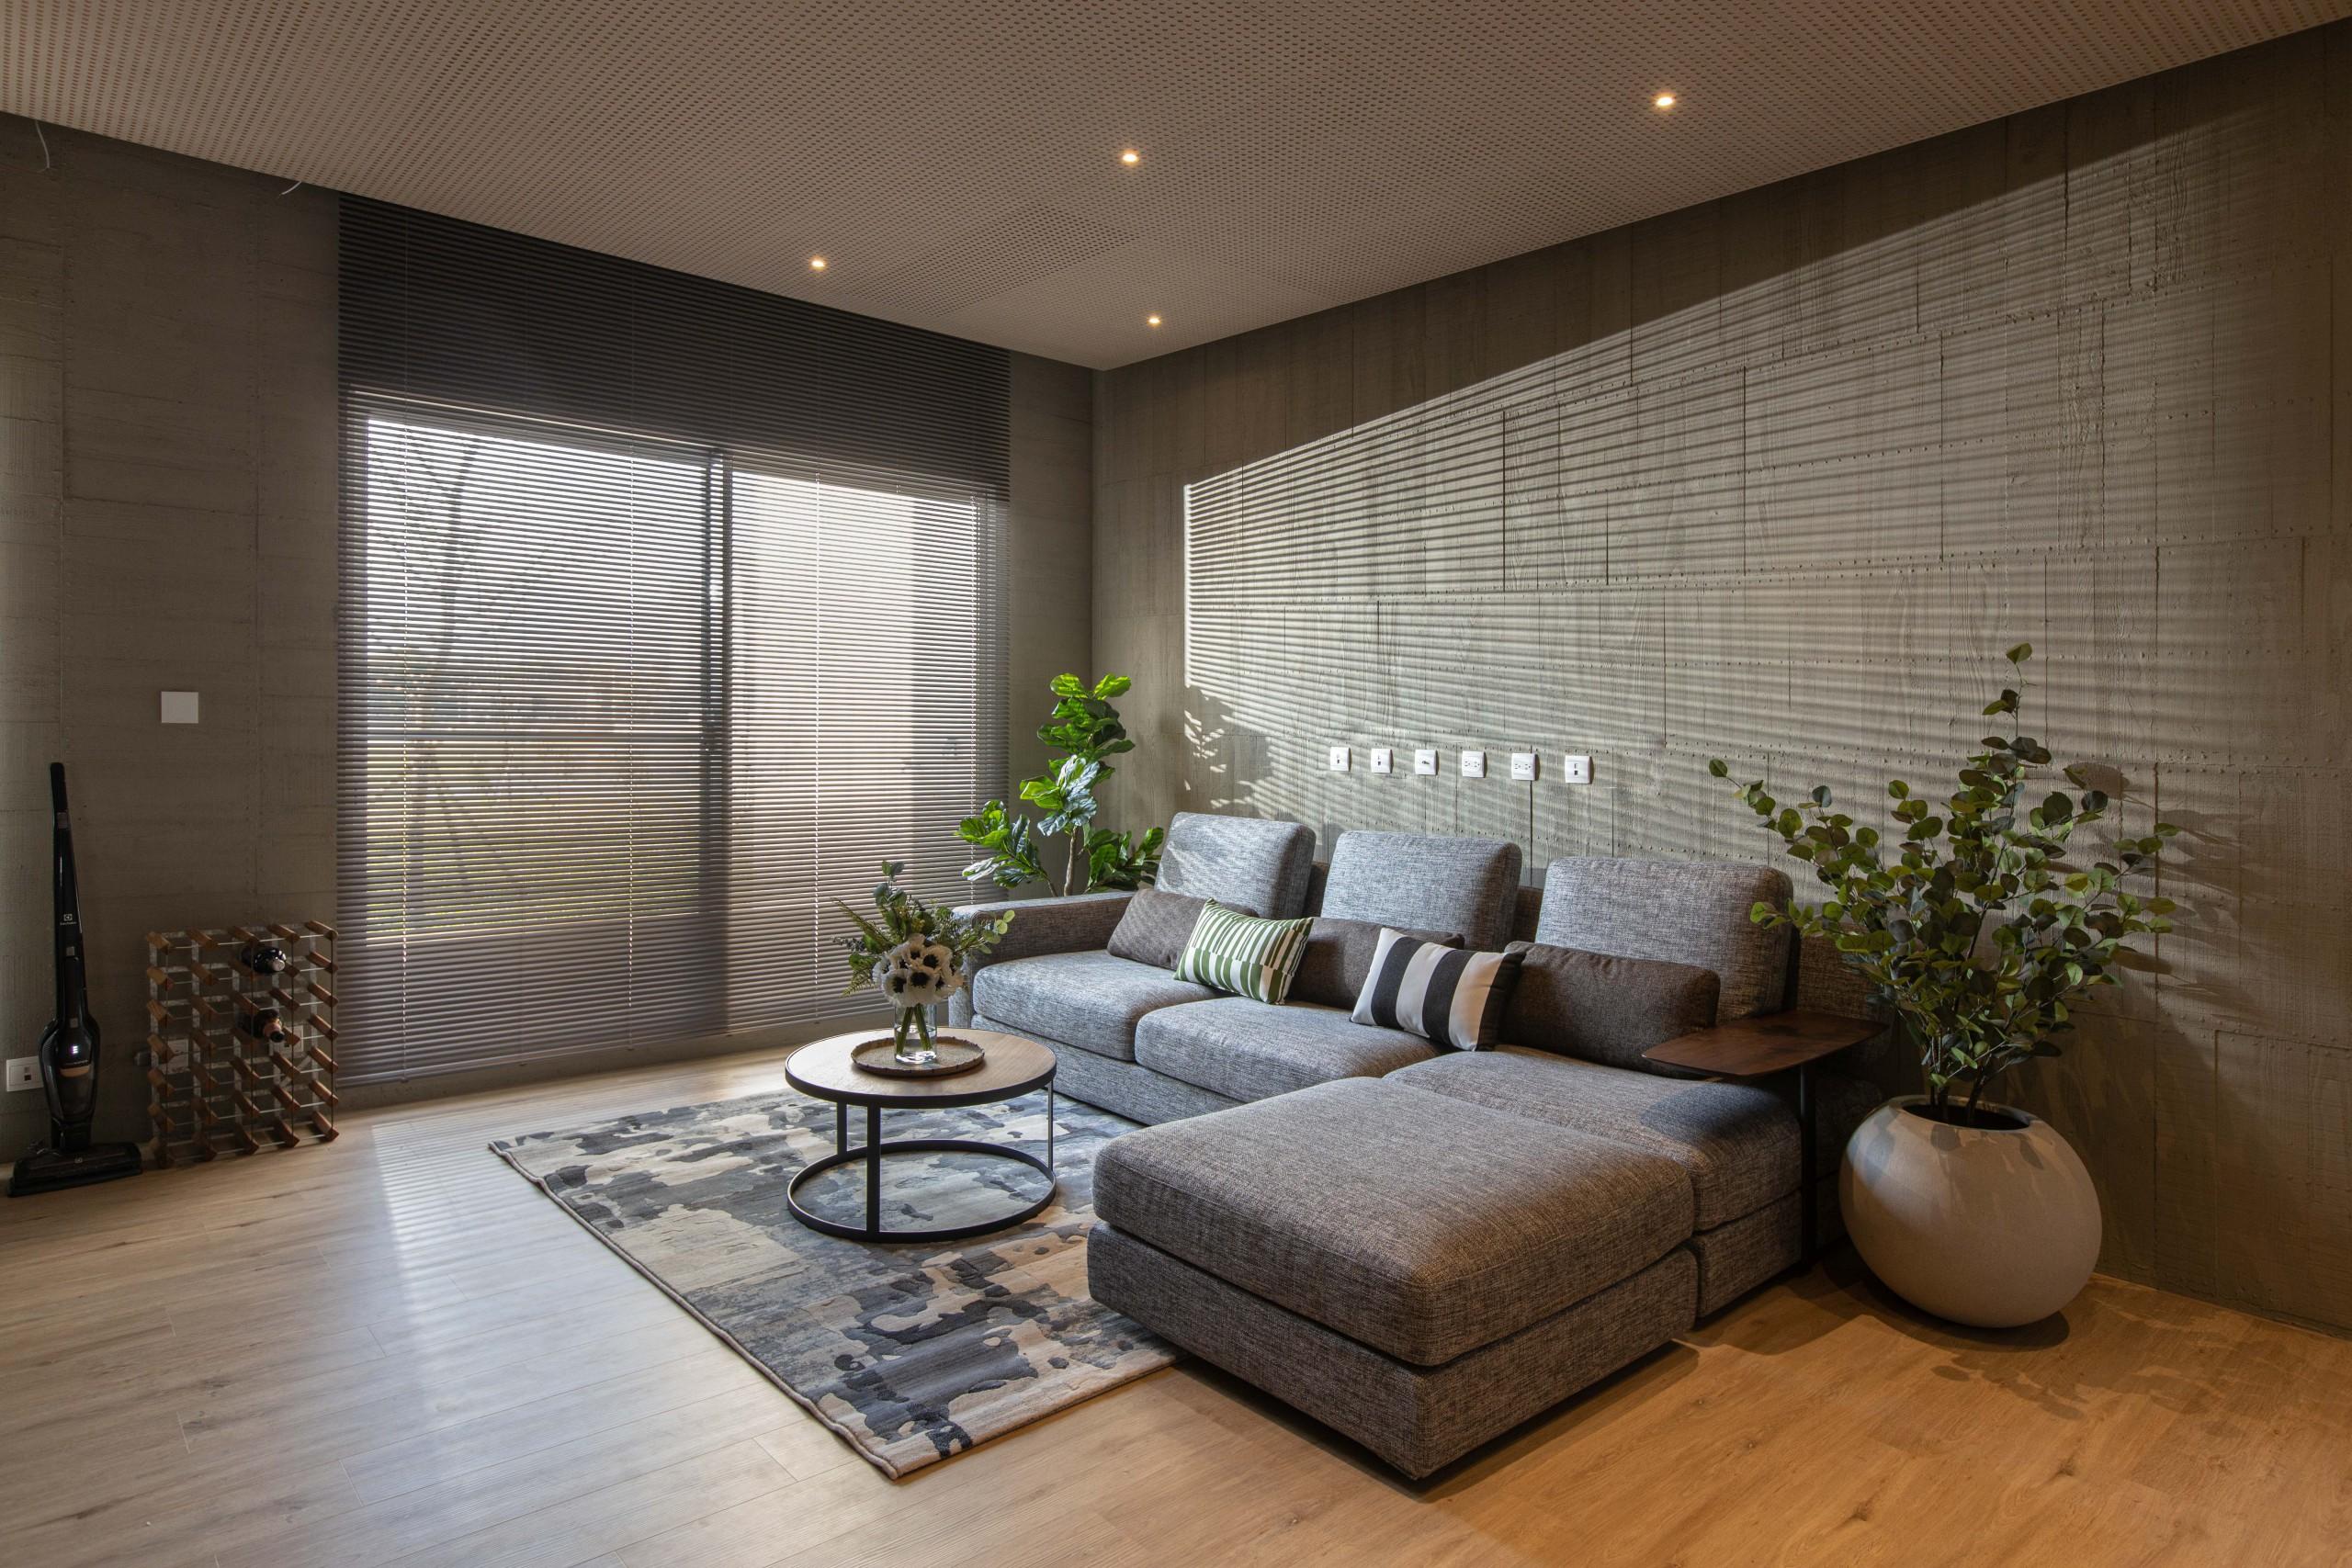 德築-DEZU-project-Zutian-architecture-real-estate-interior-renovation-53